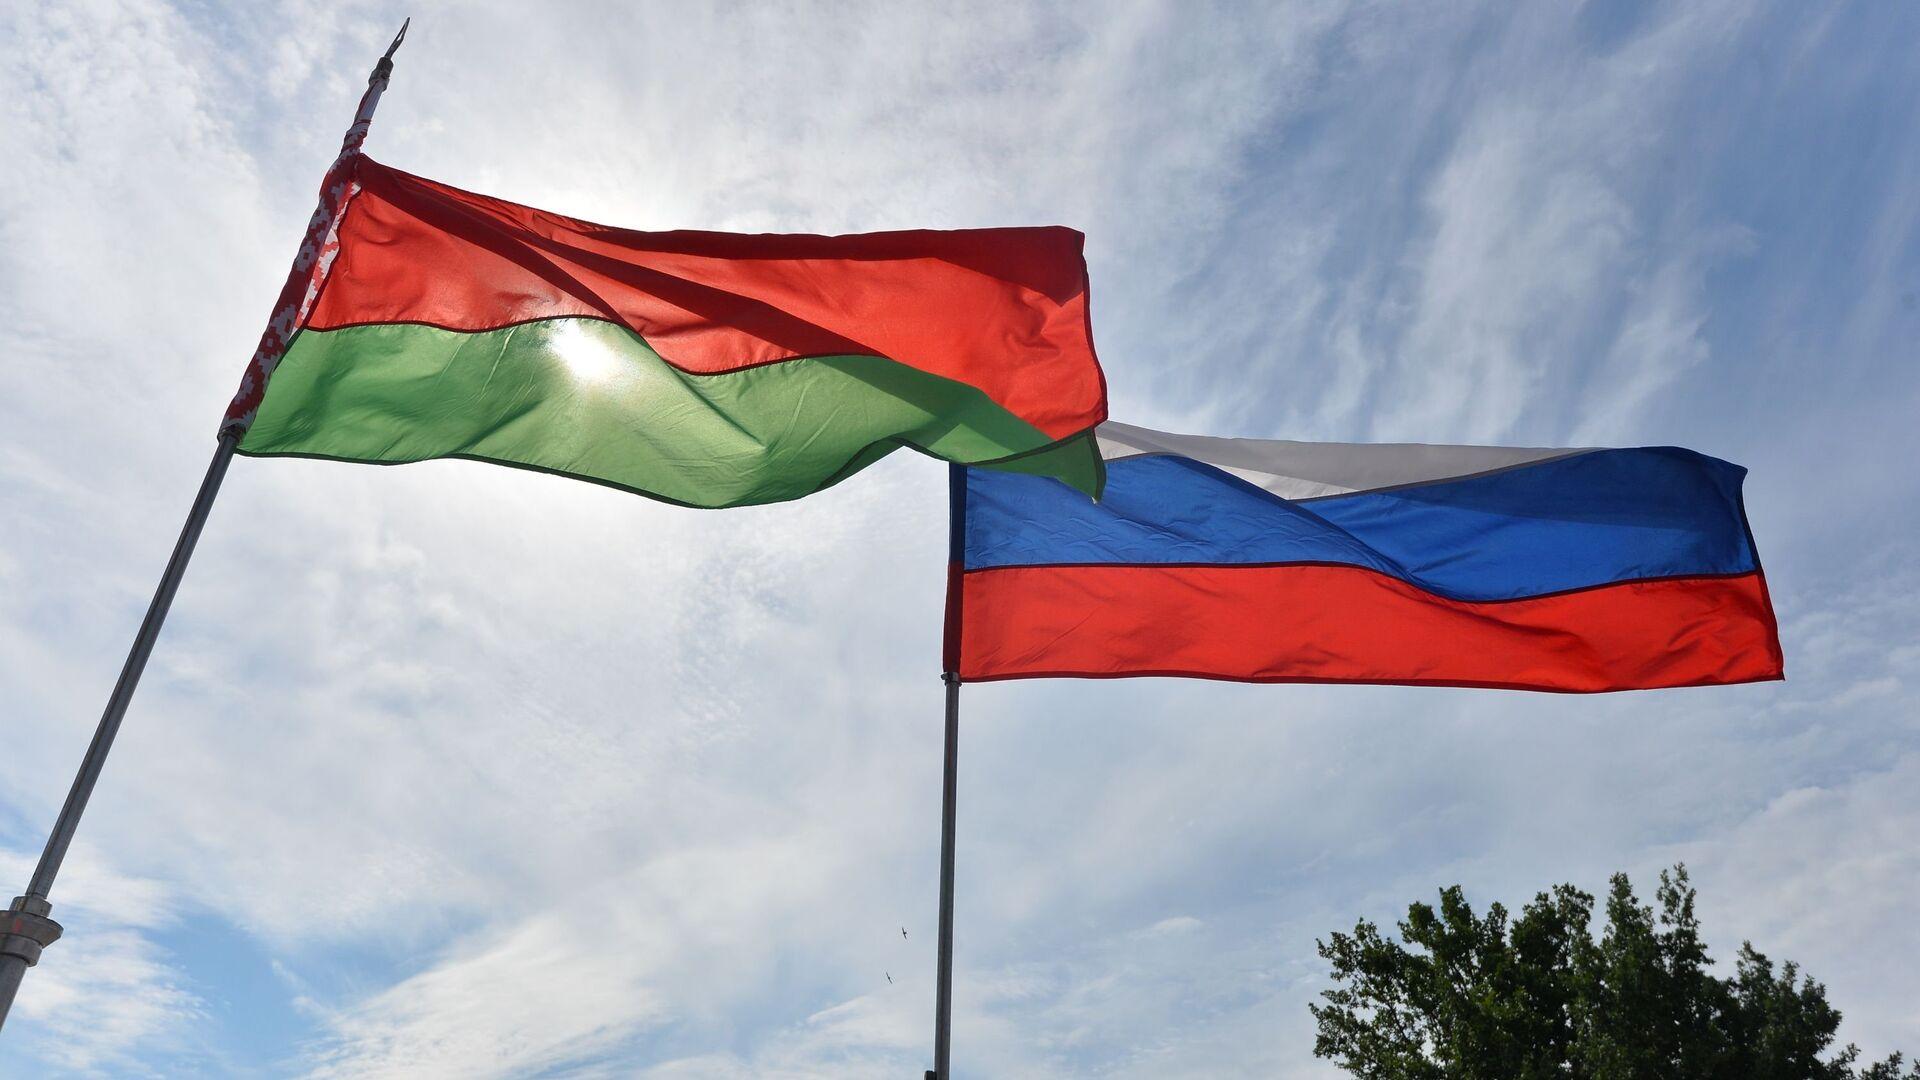 Флаги Беларуси и России на фестивале - Sputnik Беларусь, 1920, 23.09.2021